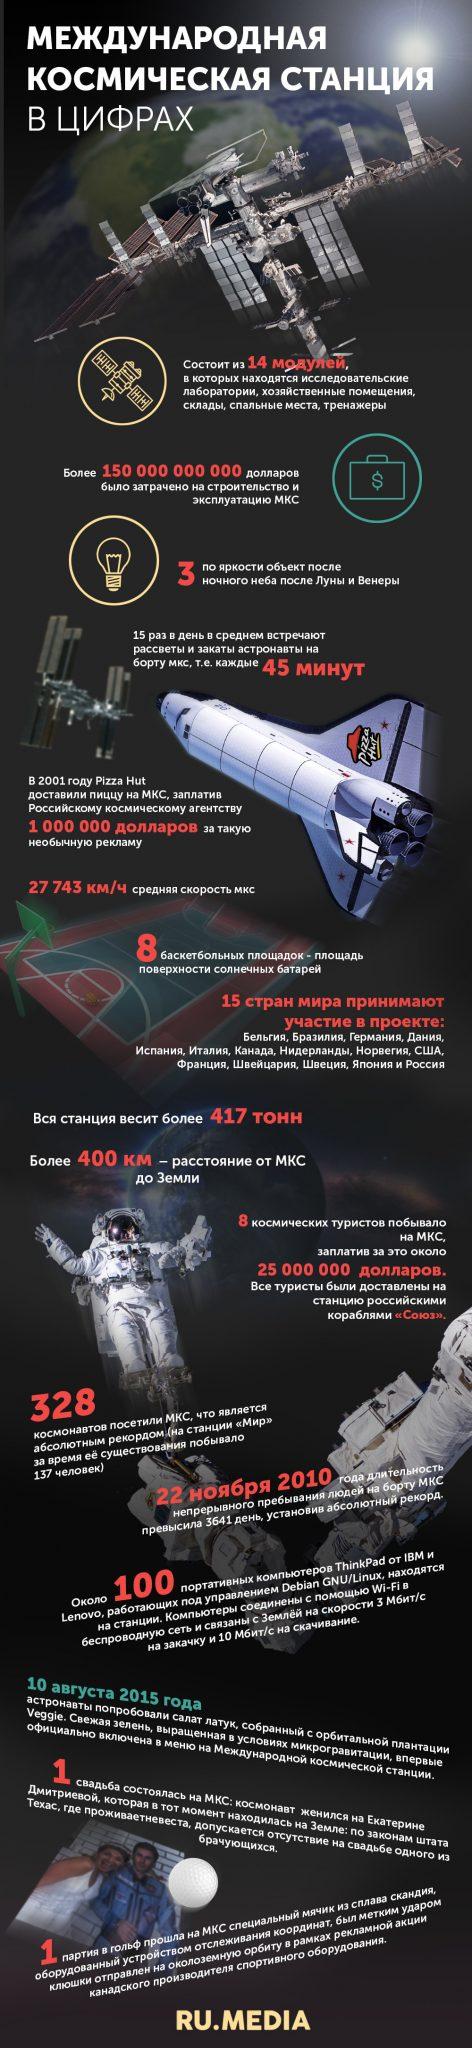 МКС в цифрах